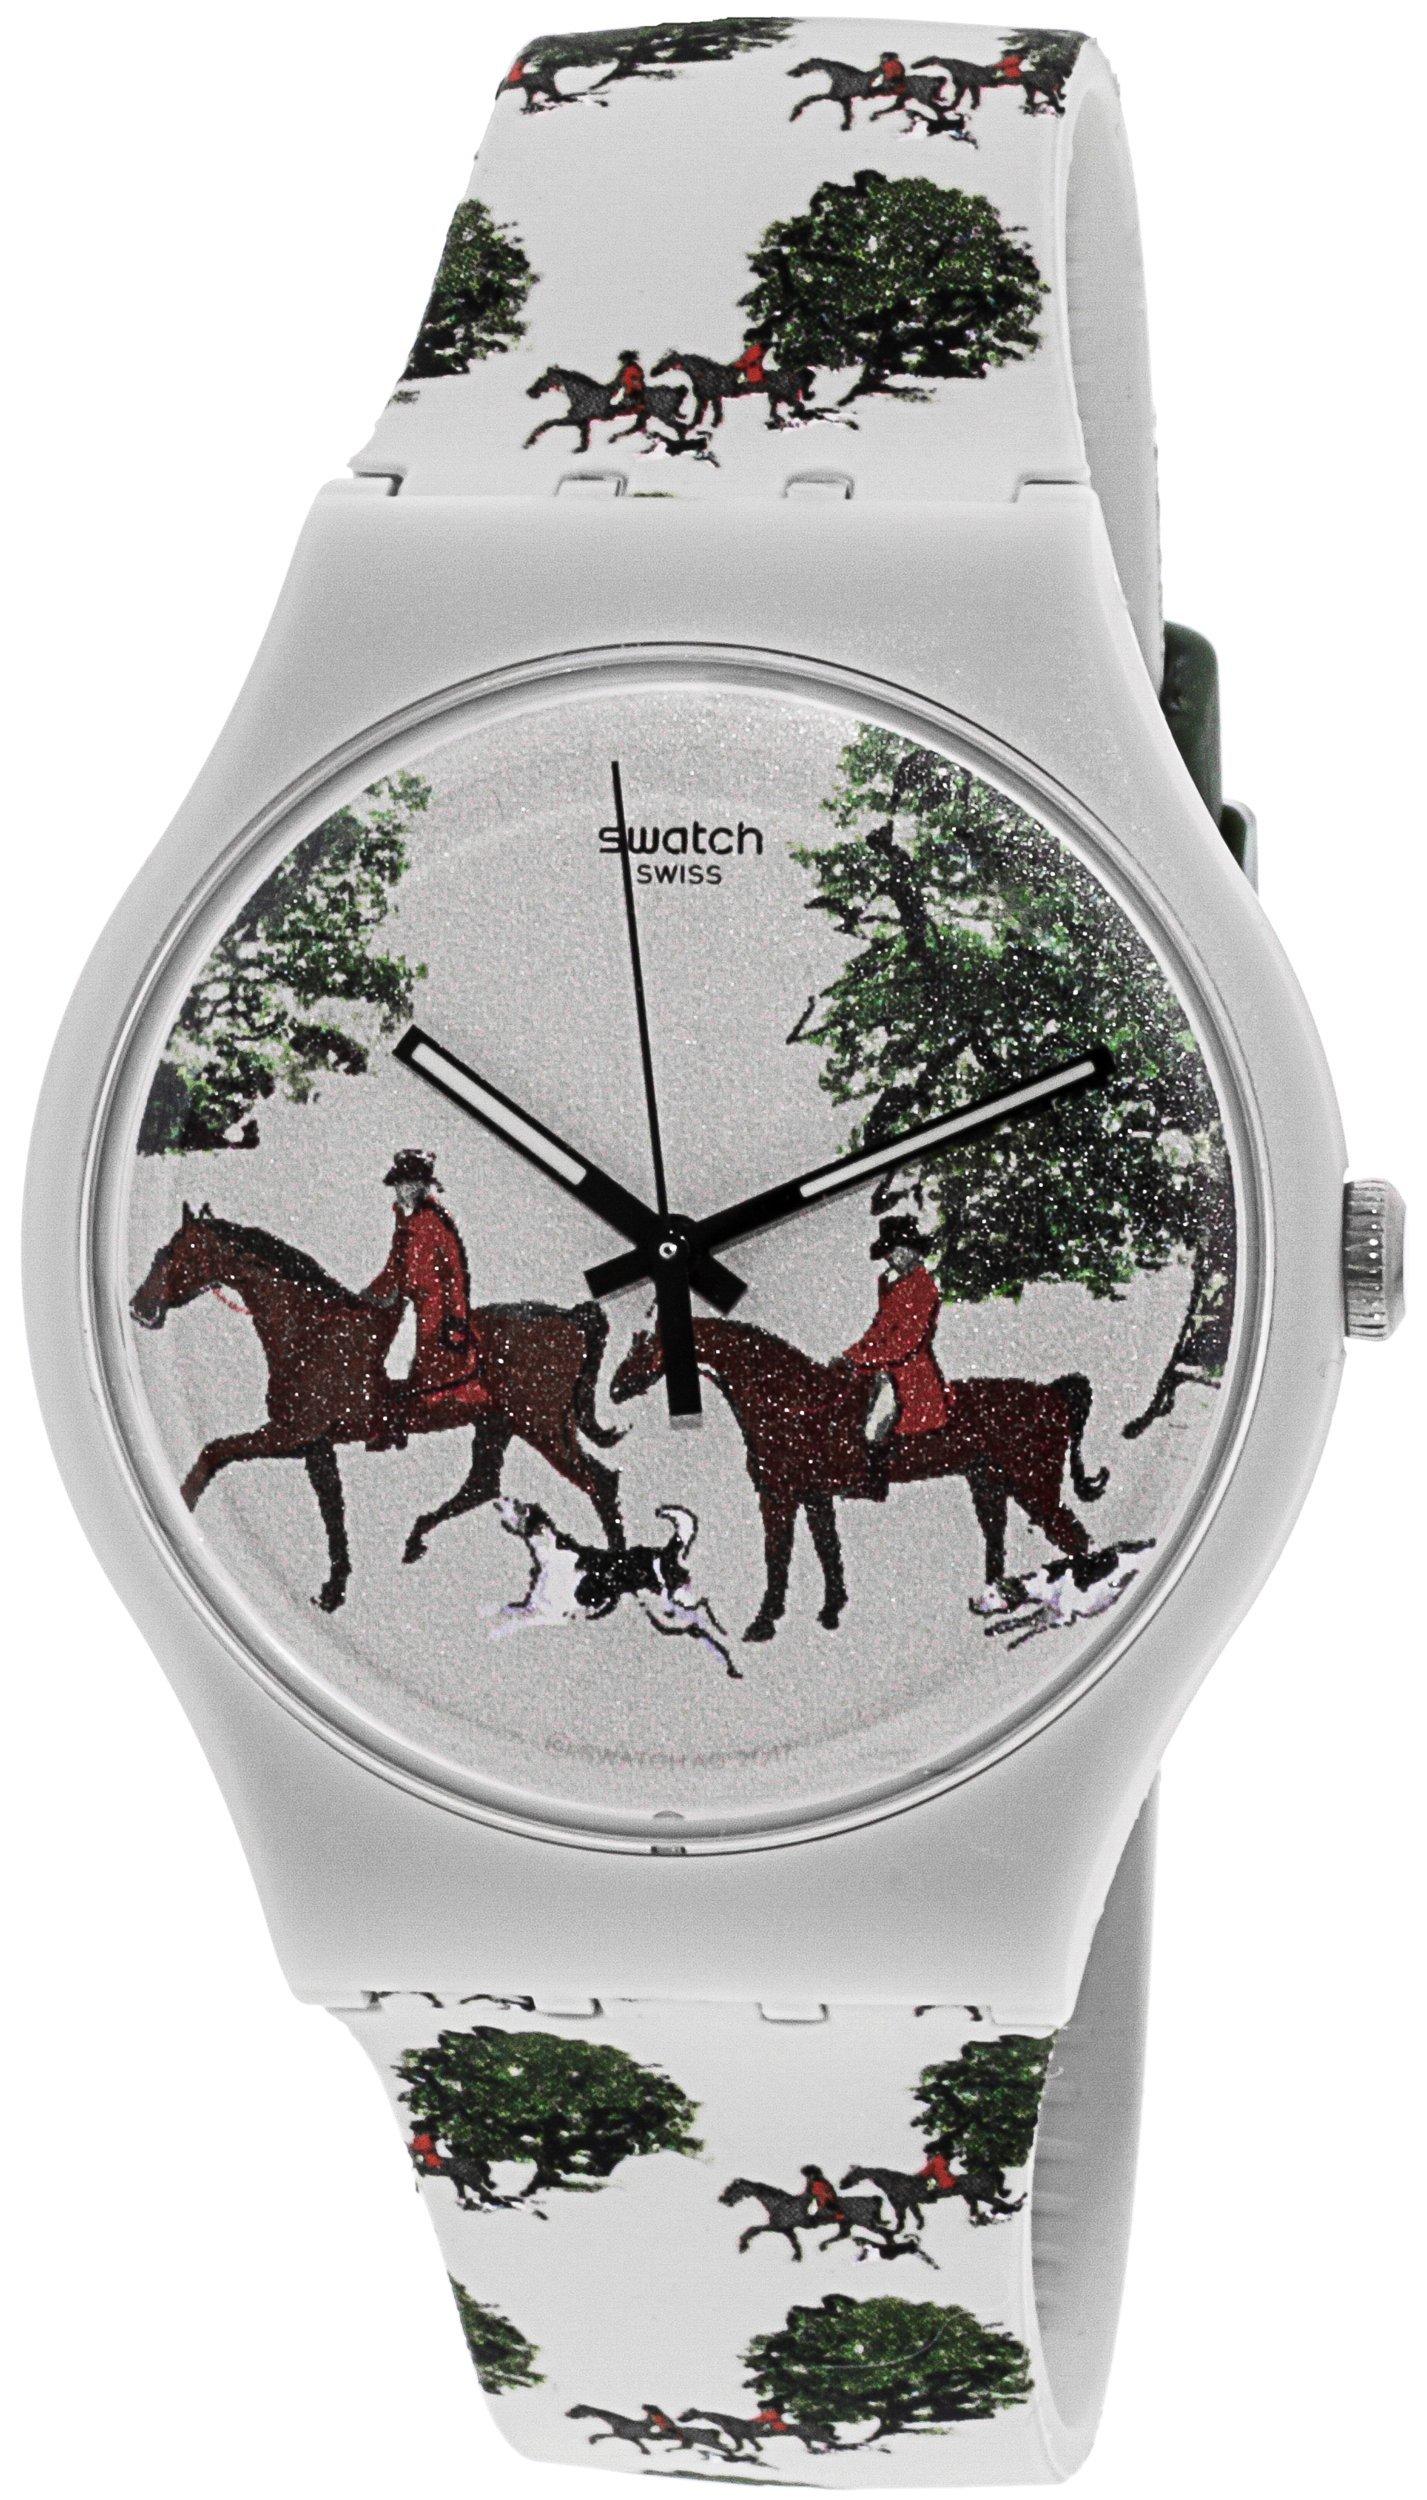 Swatch Red Jacket SUOT103 Tan Silicone Swiss Quartz Fashion Watch by Swatch